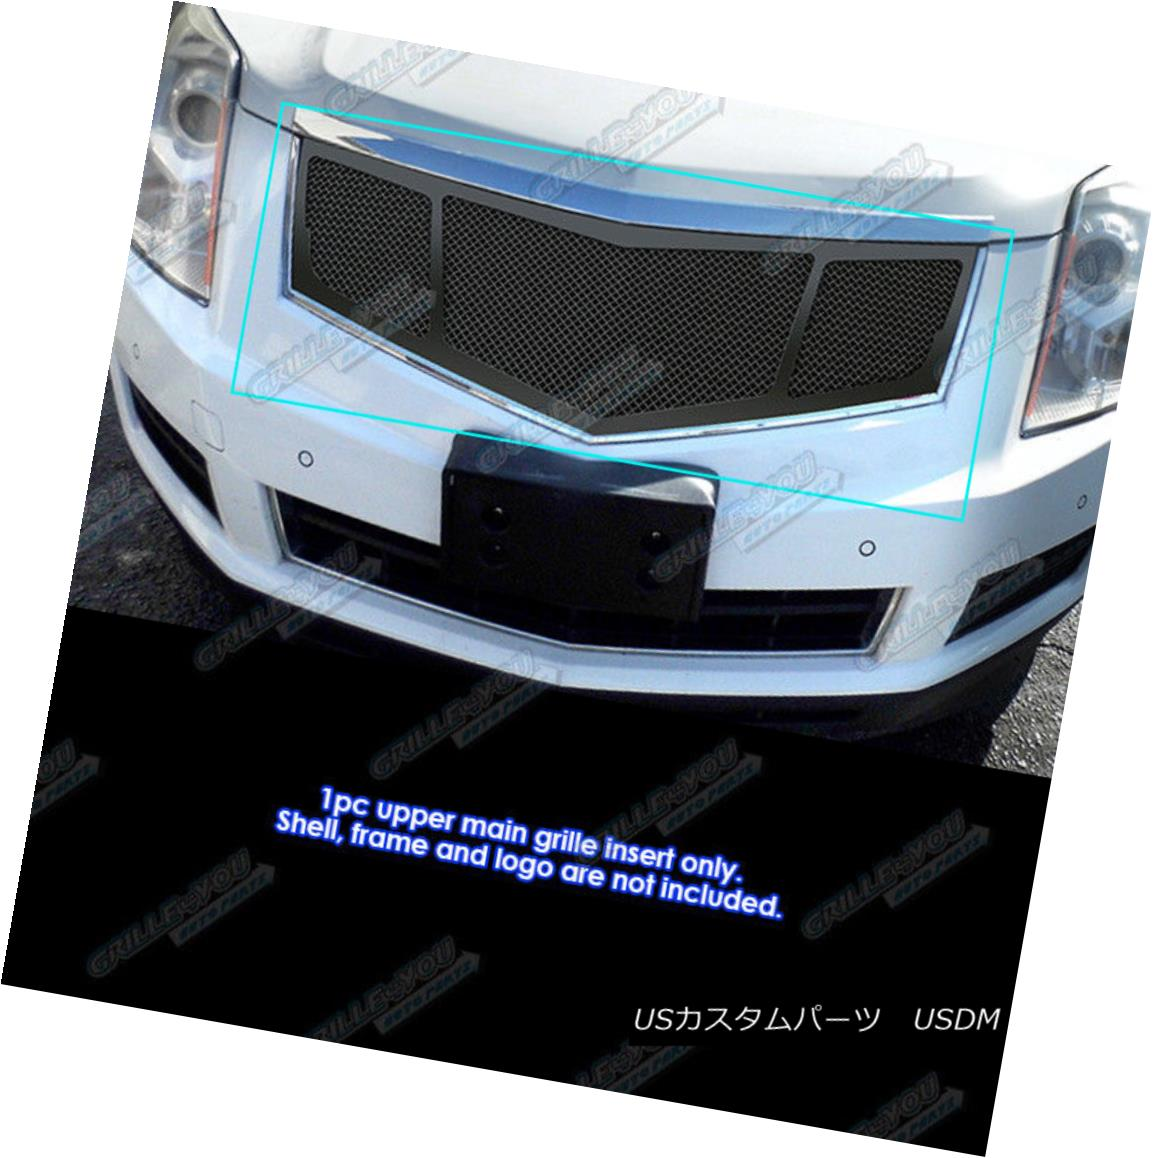 グリル Fits 2010-2015 Cadillac SRX Stainless Steel Black Mesh Grille Insert フィット2010-2015キャデラックSRXステンレススチールブラックメッシュグリルインサート